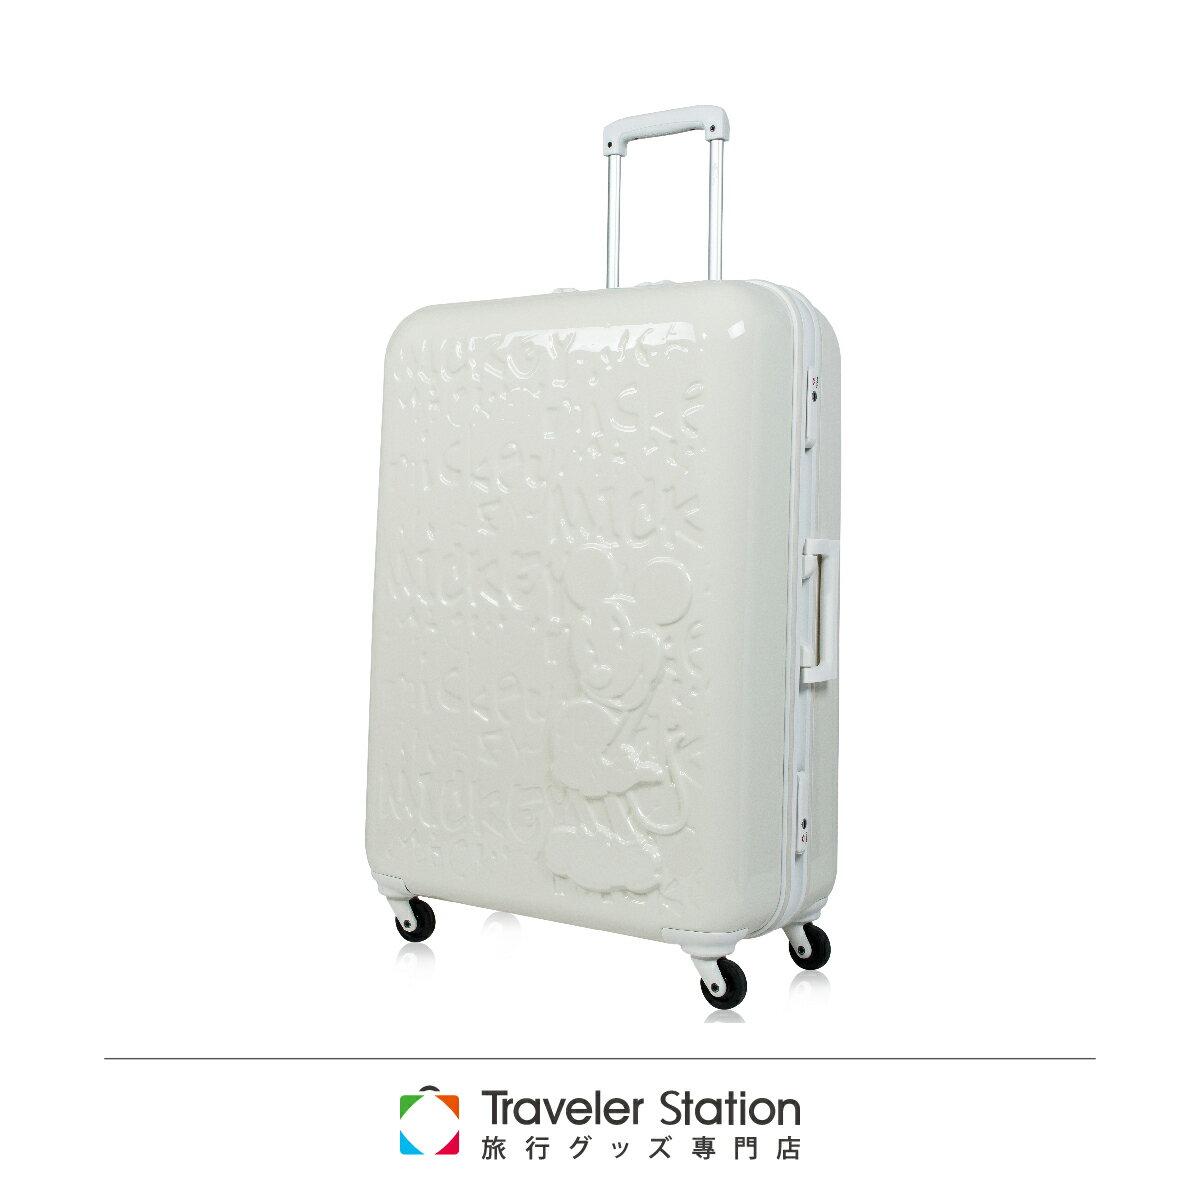 【日本 Disney】夢想米奇拉桿箱19.5吋 行李箱 / 旅行箱-象牙白